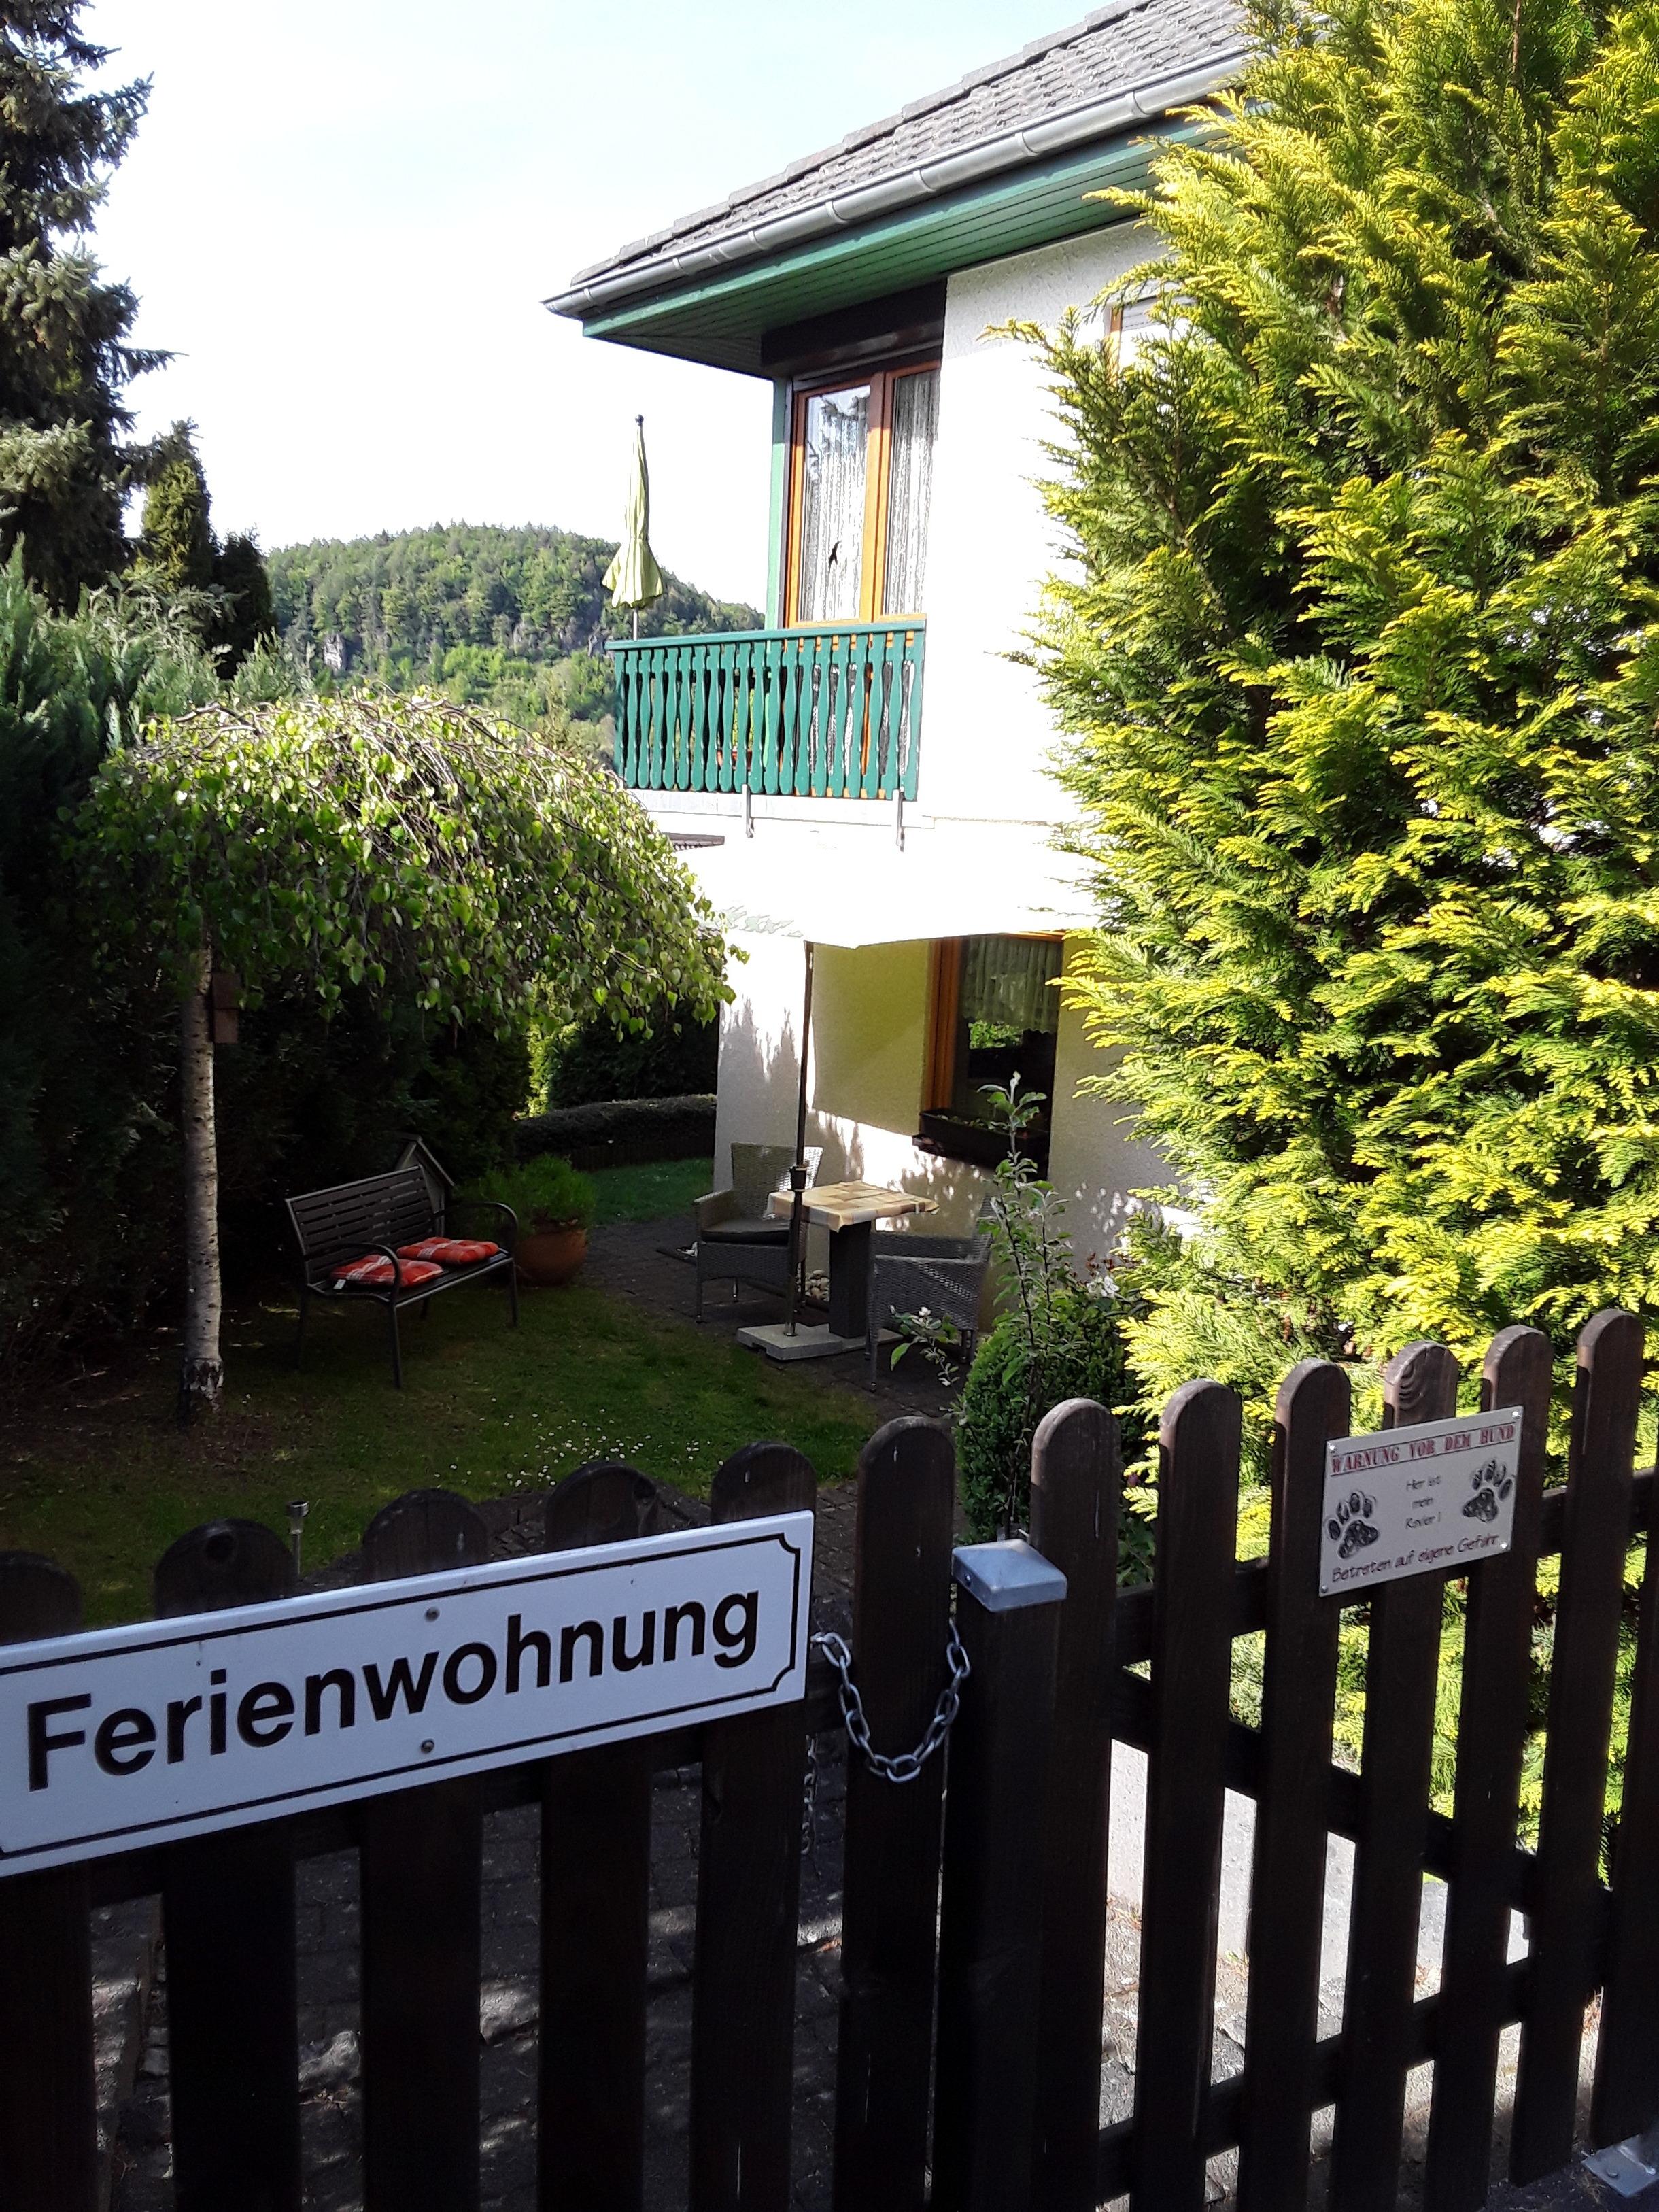 Ferienwohnung Hustley Ferienwohnung in der Eifel